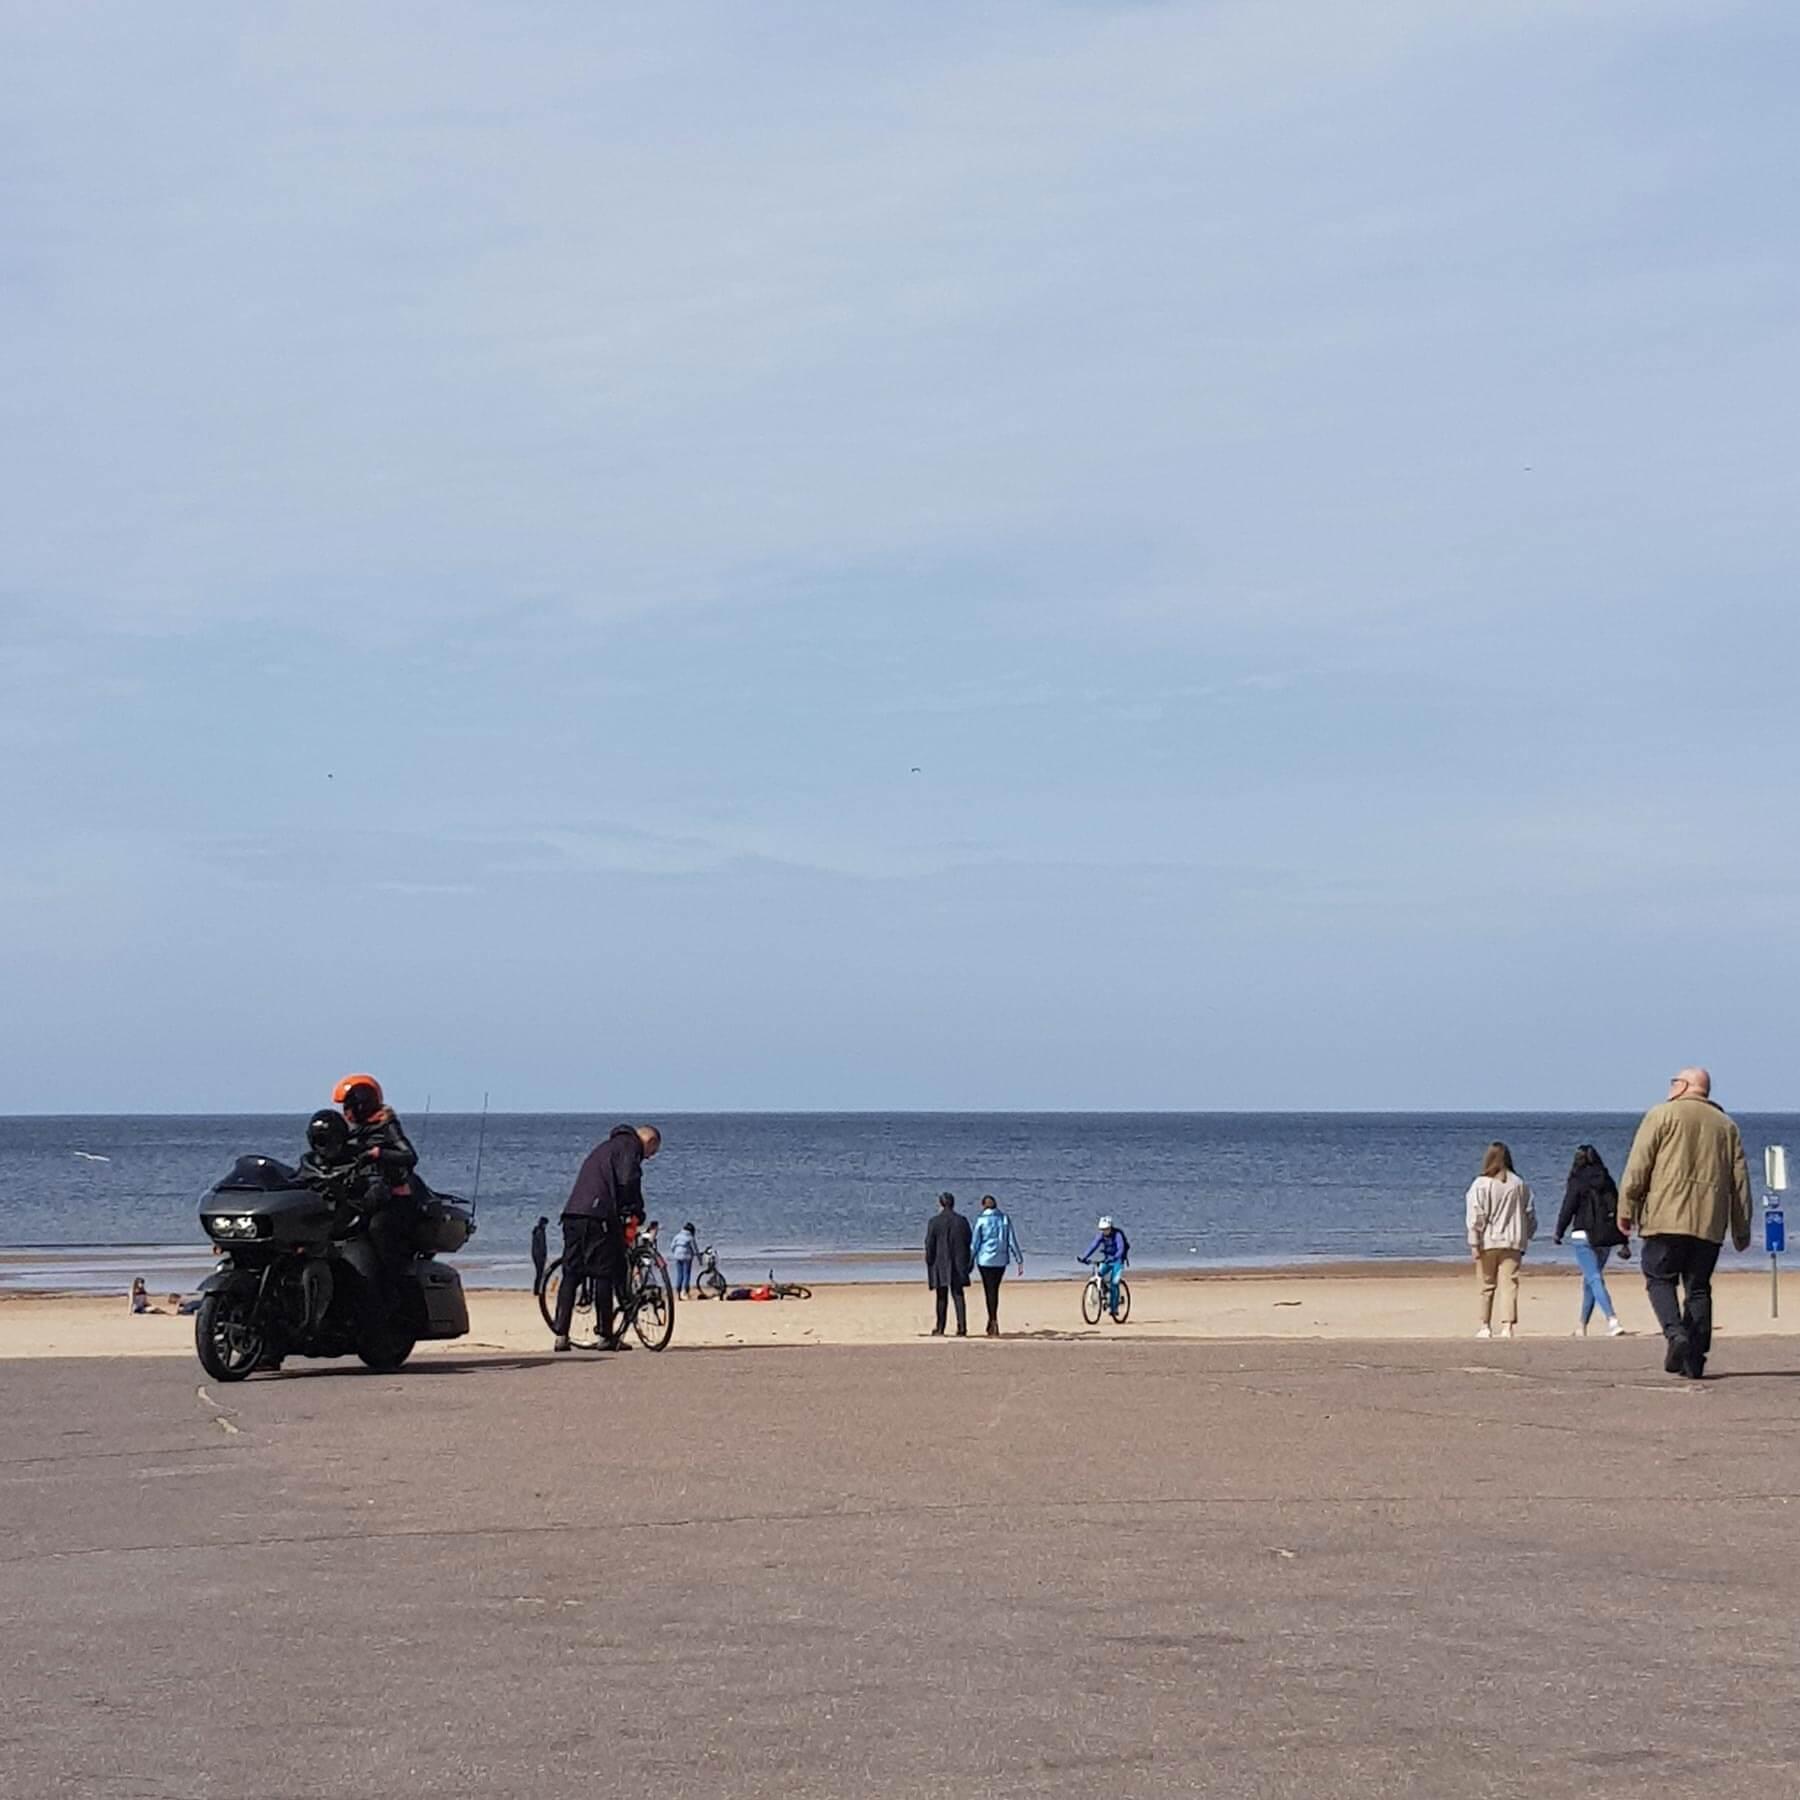 Наморе тоже снова гуляют люди. Фото: Елена Смехова